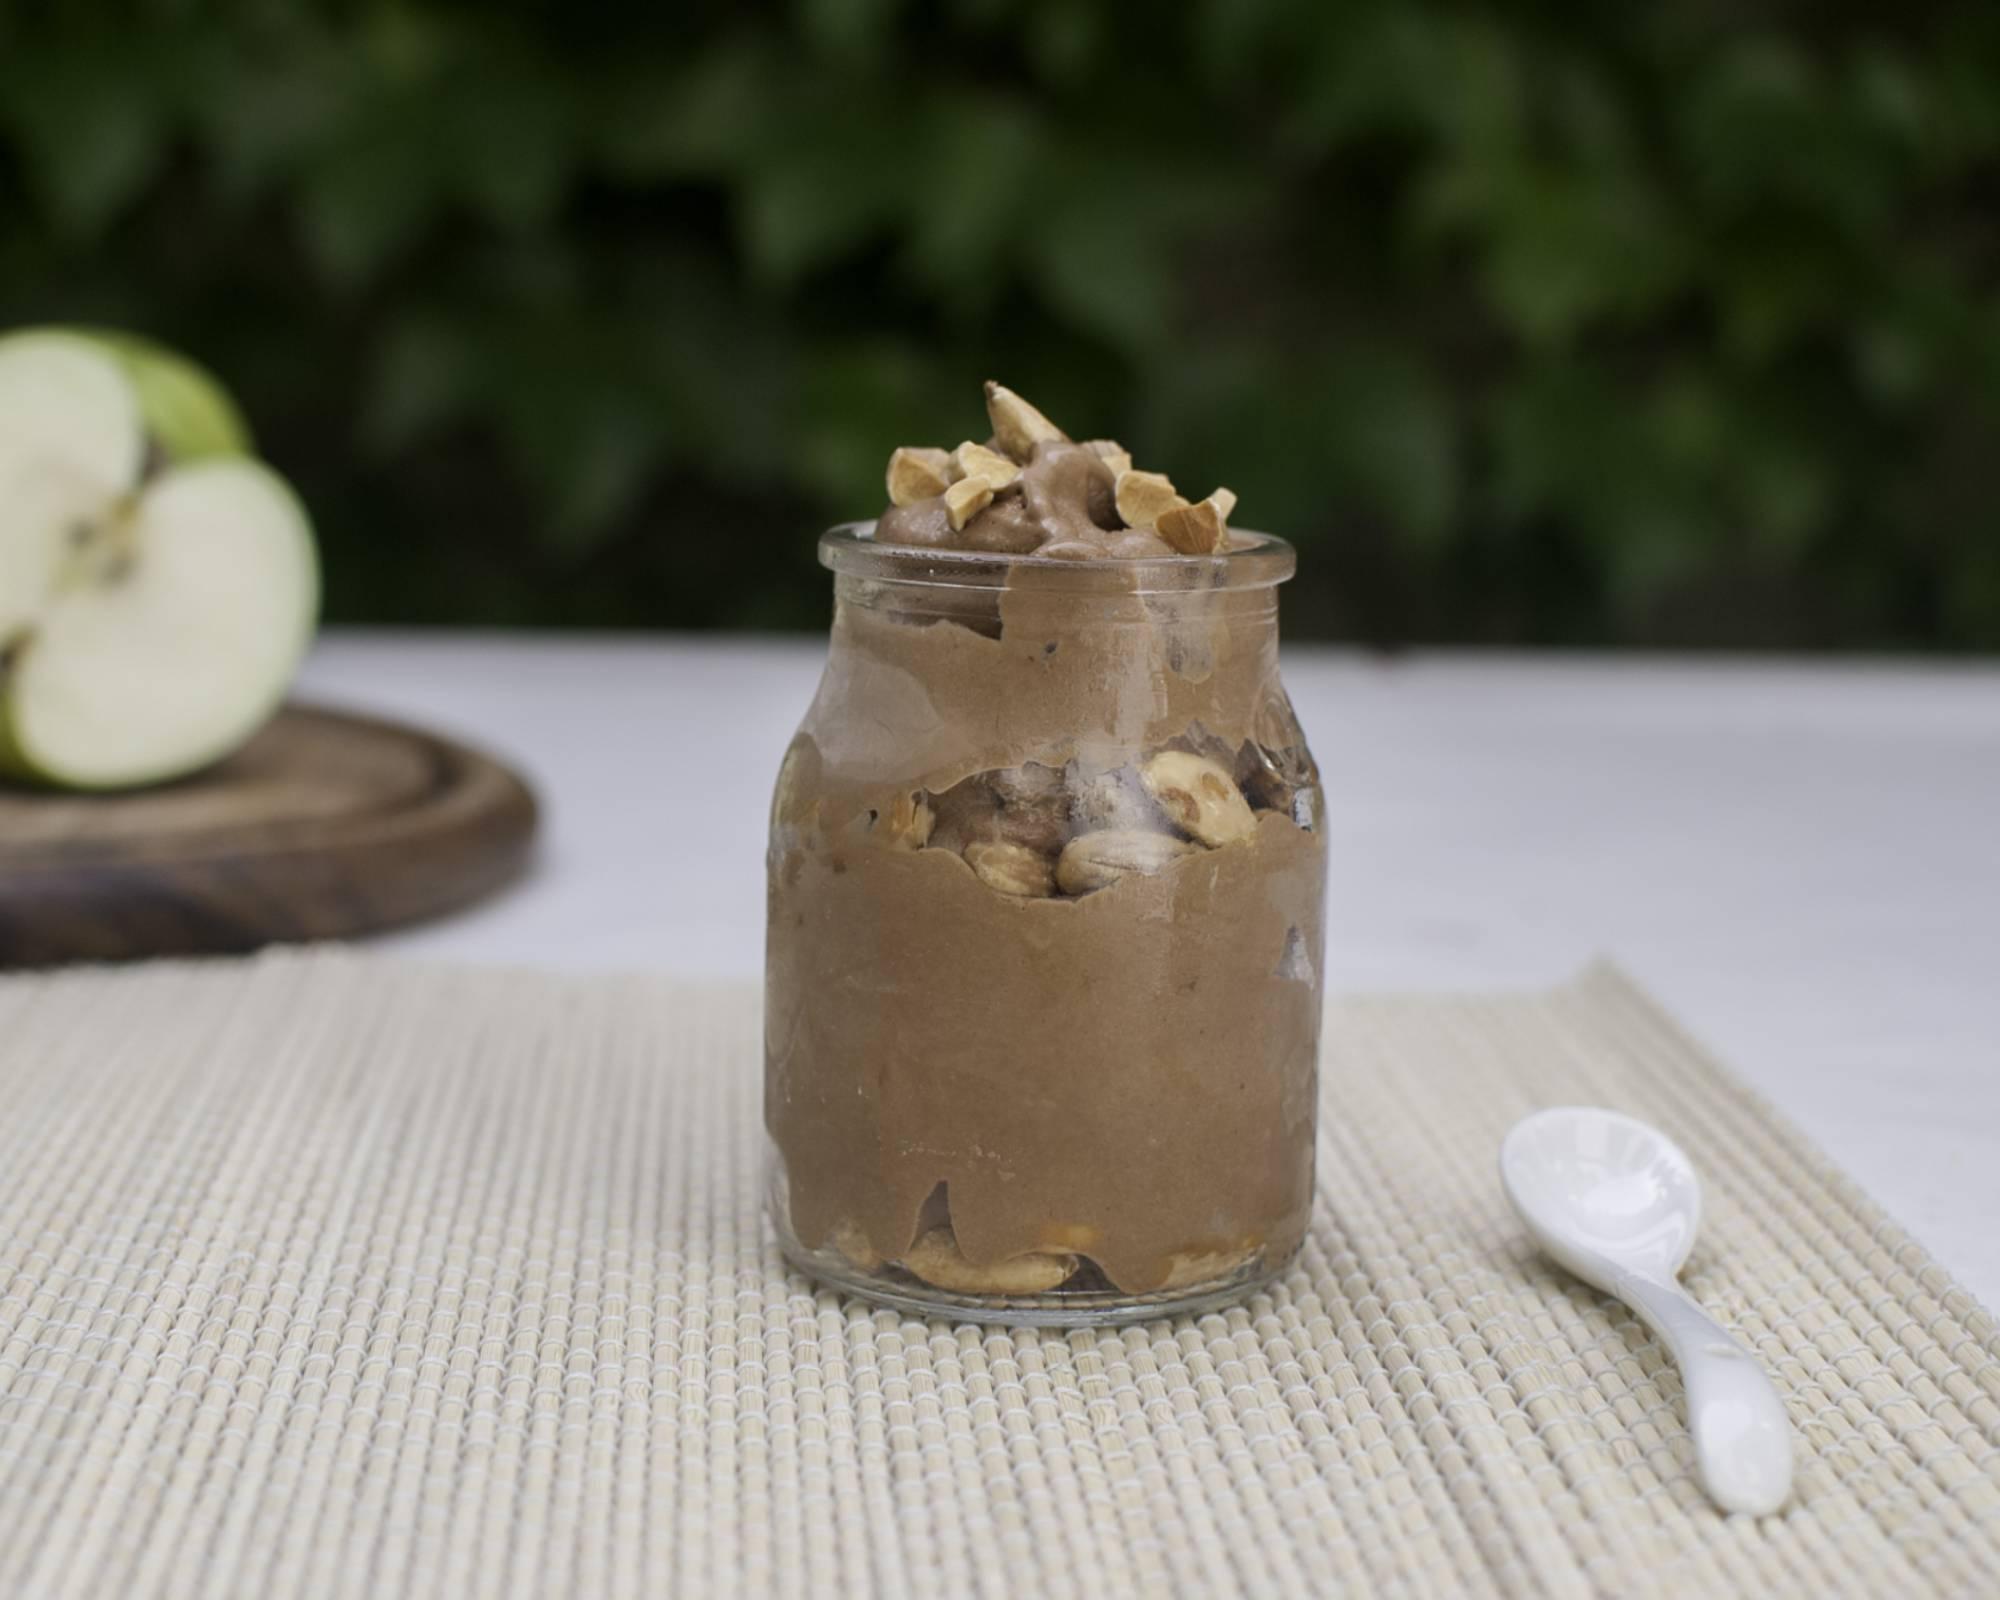 Hazelnut Healthy Ice Cream Recipe By Weight In Mind